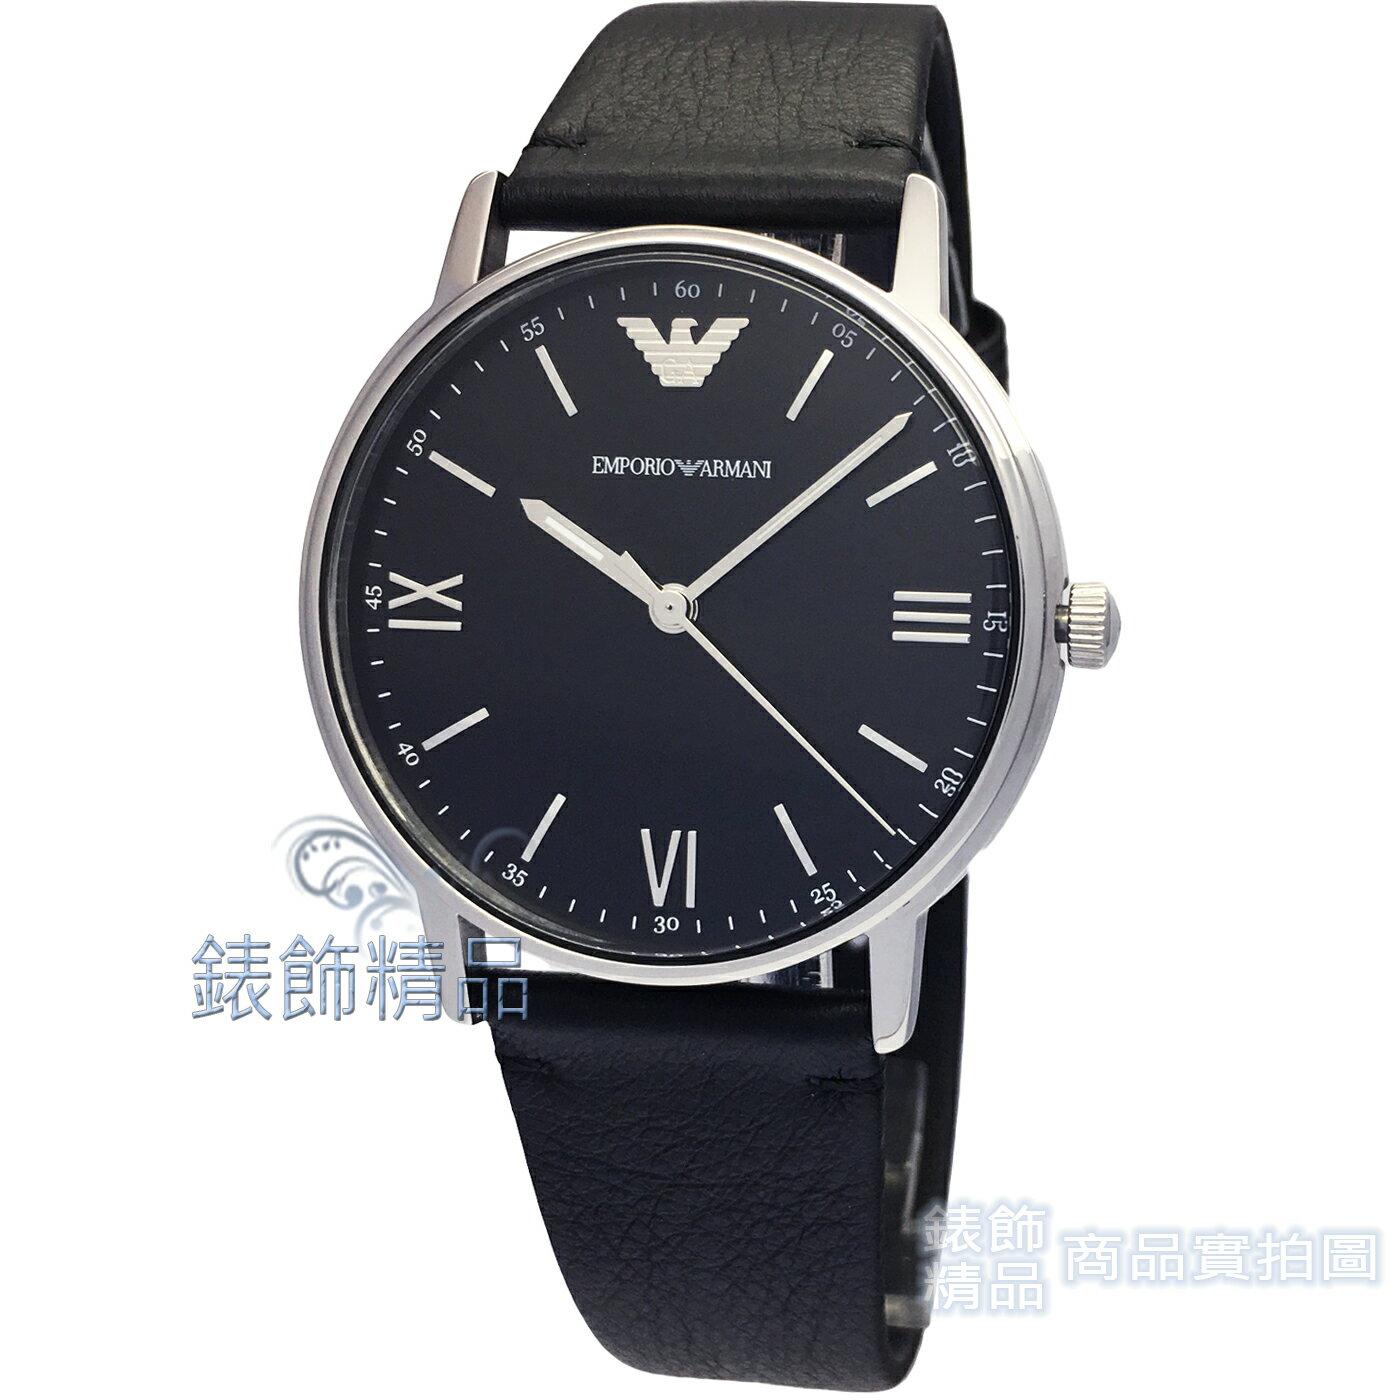 【錶飾精品】ARMANI手錶 亞曼尼表 AR11013 優雅紳士款薄型羅馬時標黑真皮錶帶男錶 全新原廠正品 情人生日禮物